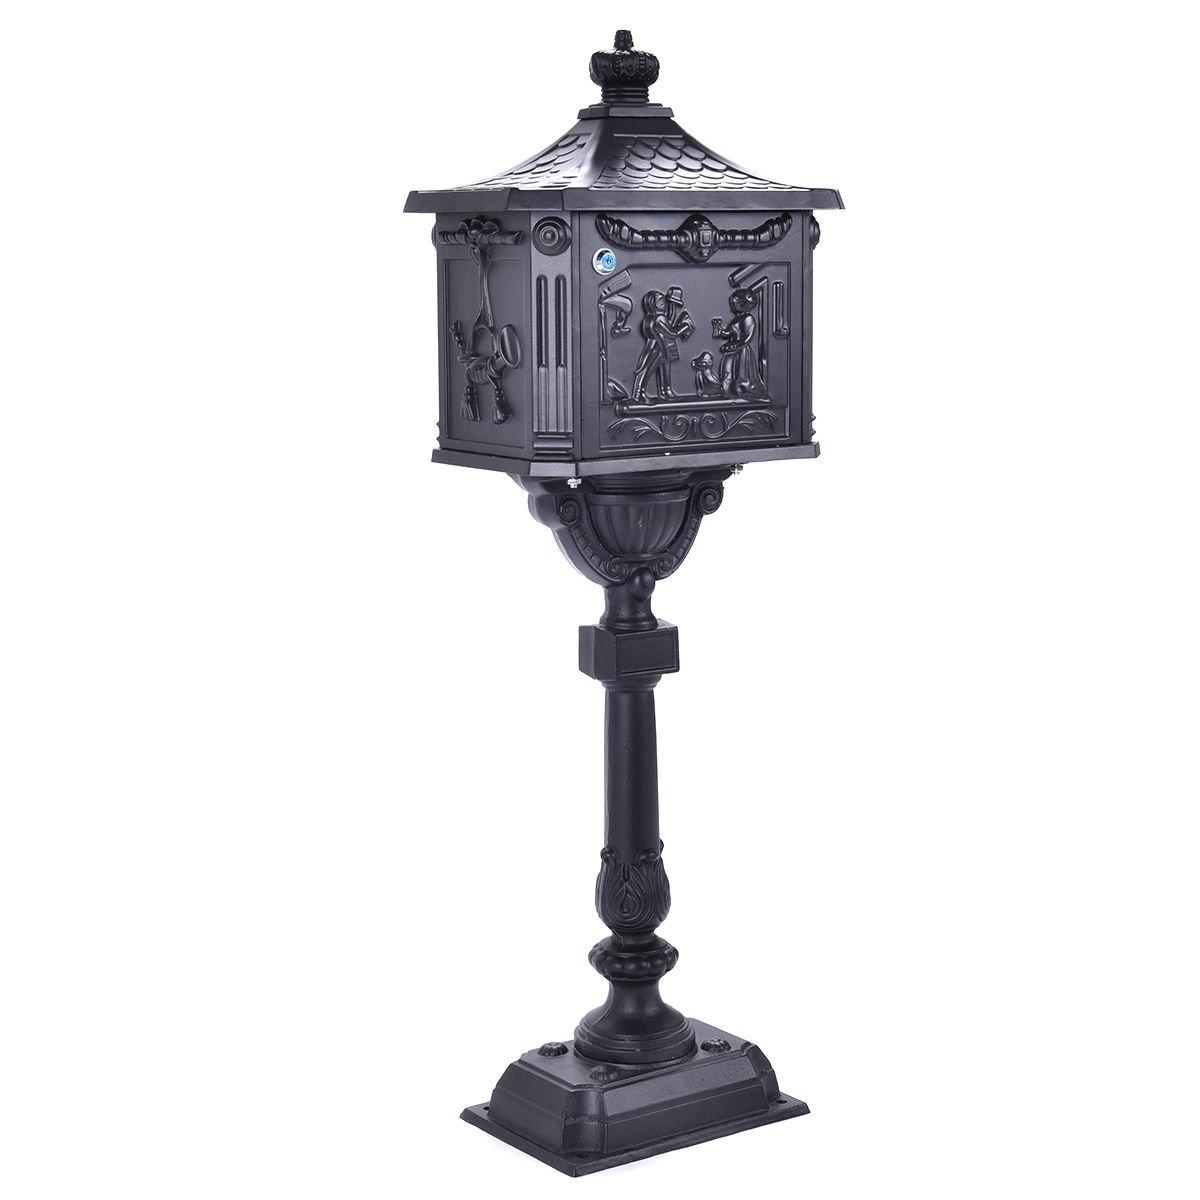 Giantex Cast Aluminum Mailbox Heavy Duty Postal Box Security Aluminum Post/Pedestal Cast Mailbox, Black